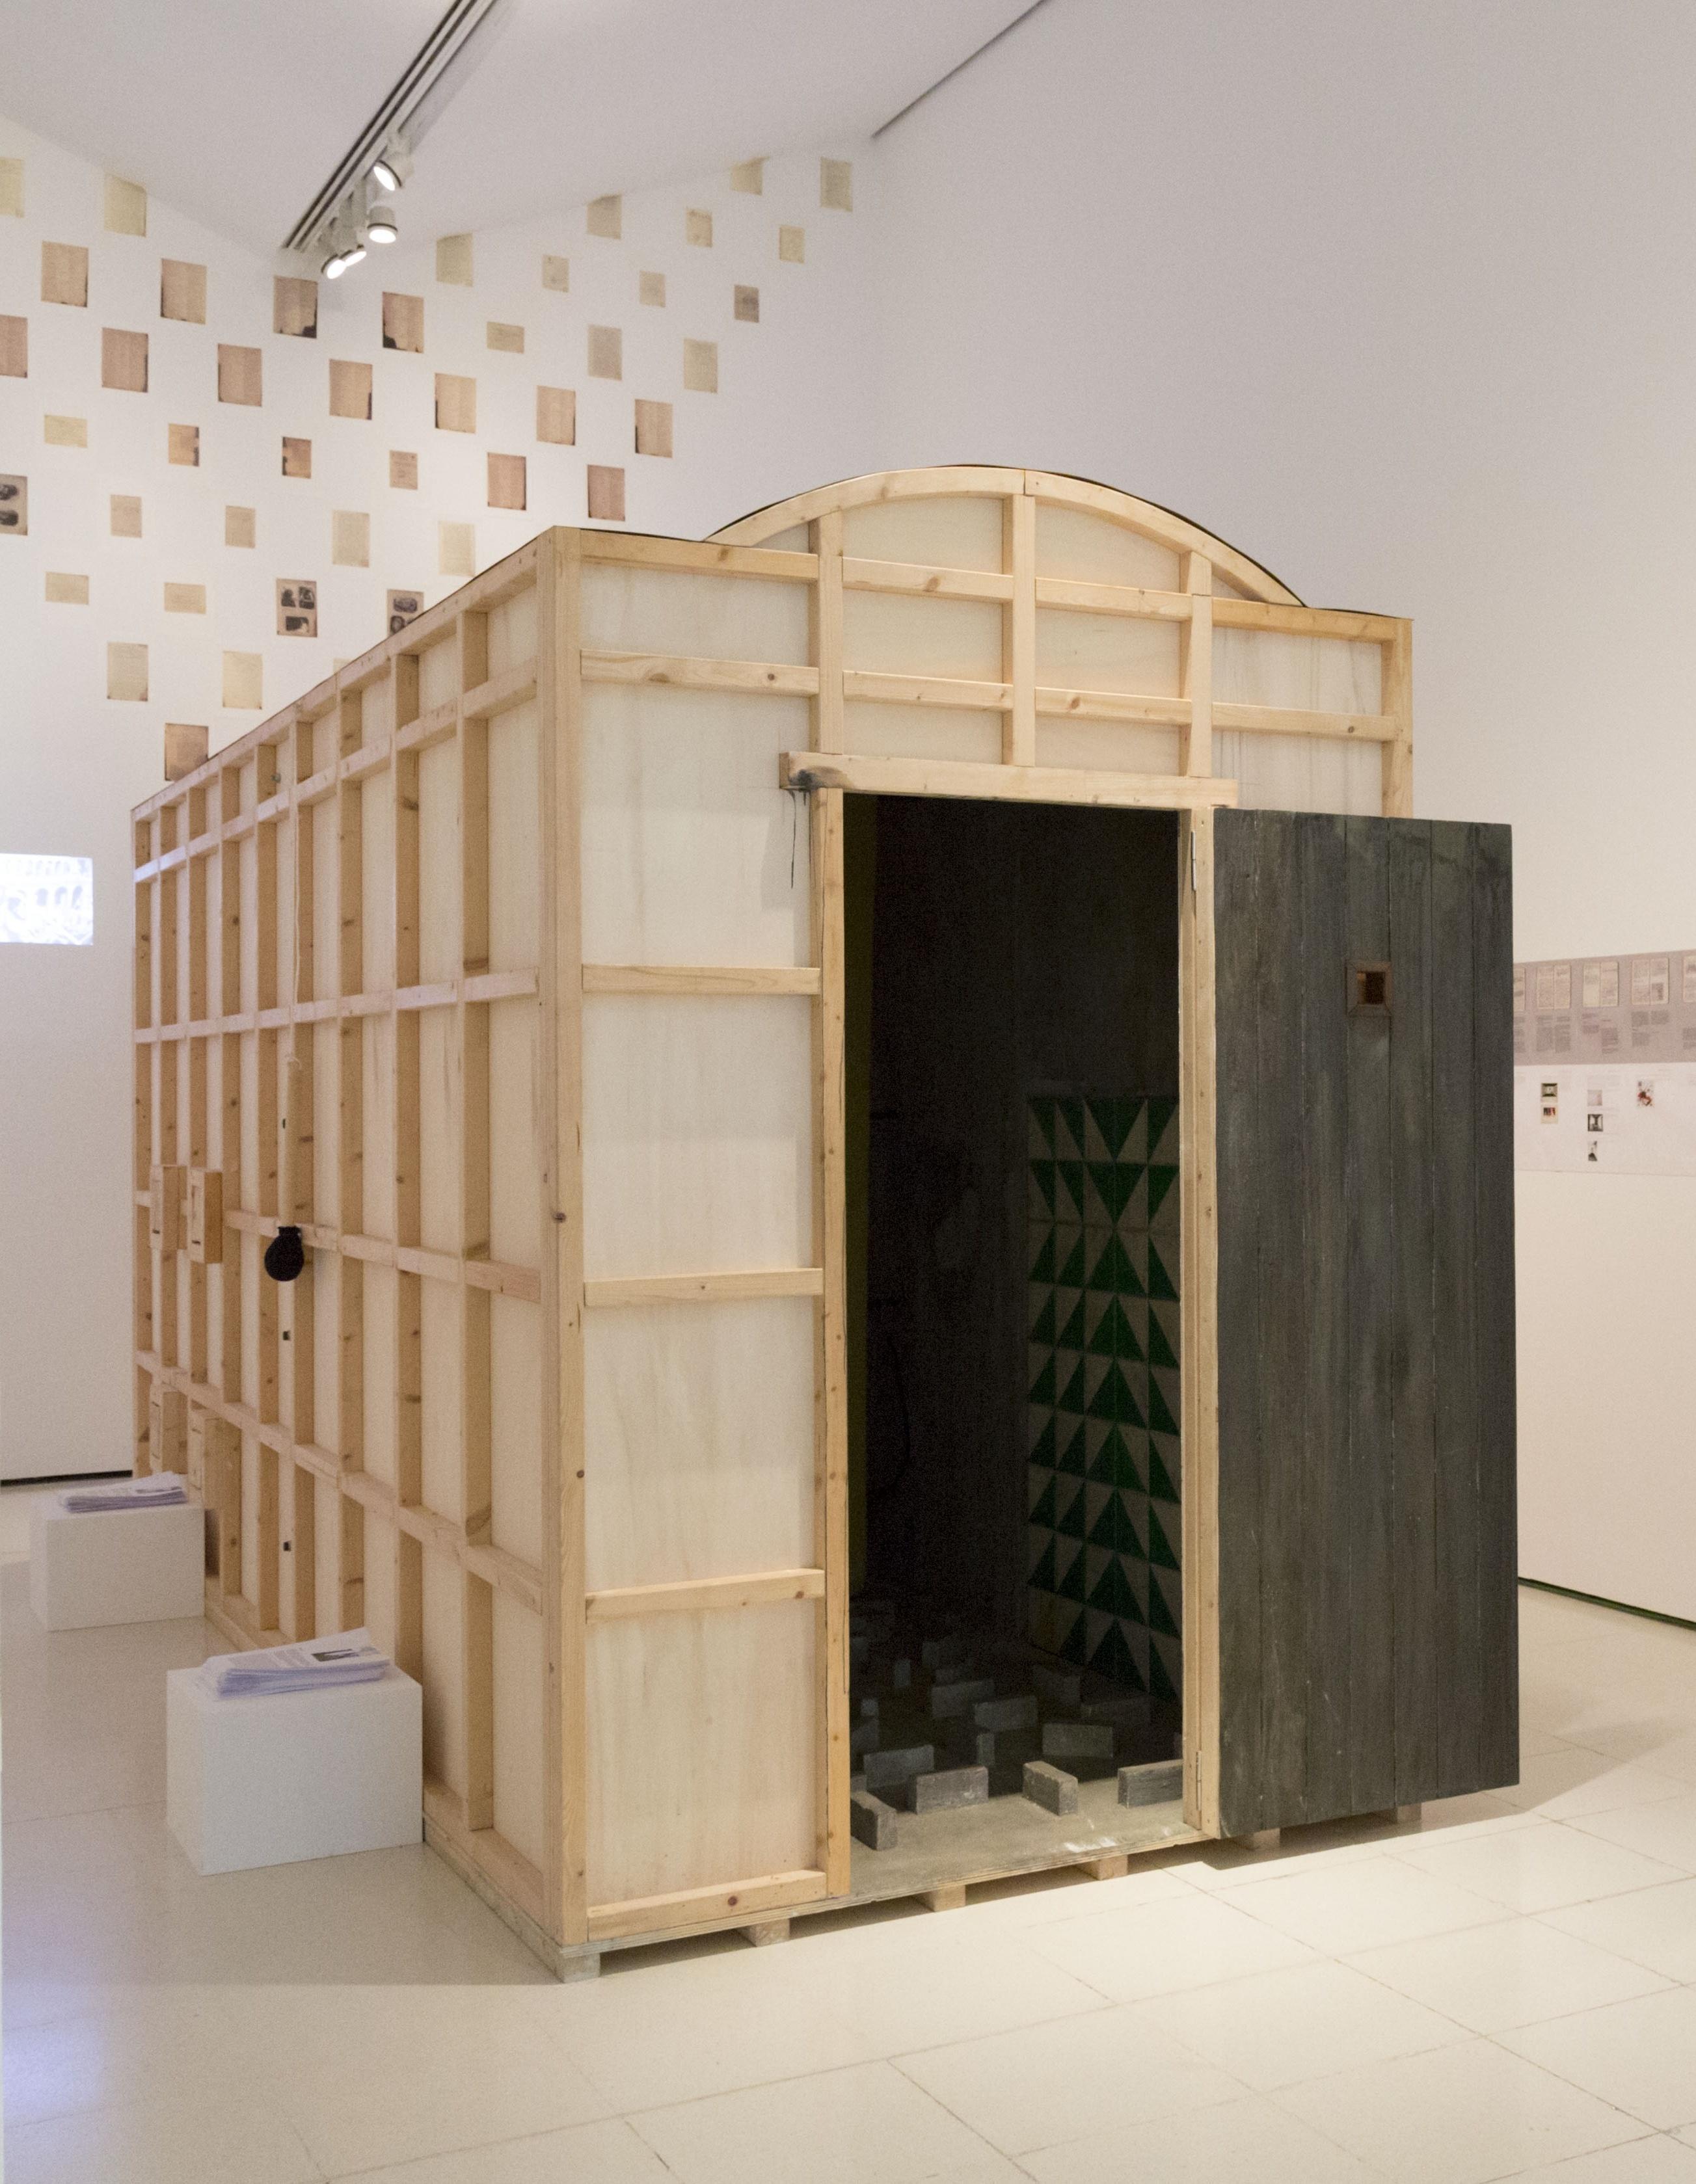 Habitación. L'Archivo F.X., les Chekas psicotècniques de Laurencic i la funció de l'art